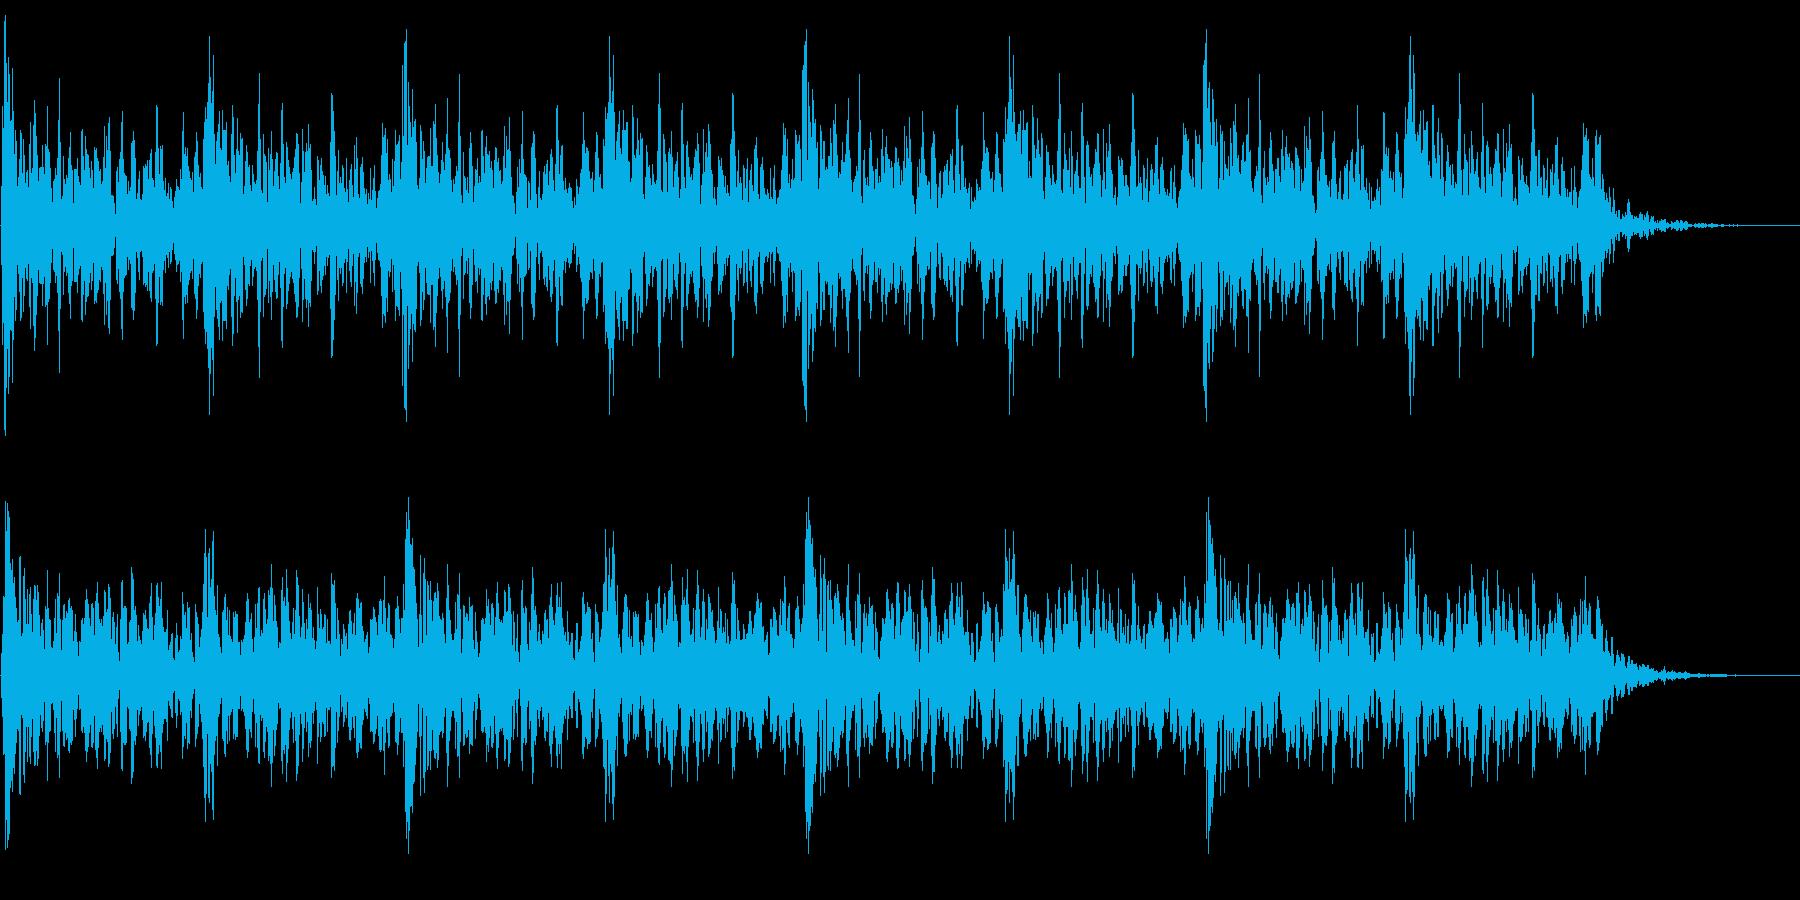 太鼓 躍動的 迫力 効果音 パターン4の再生済みの波形